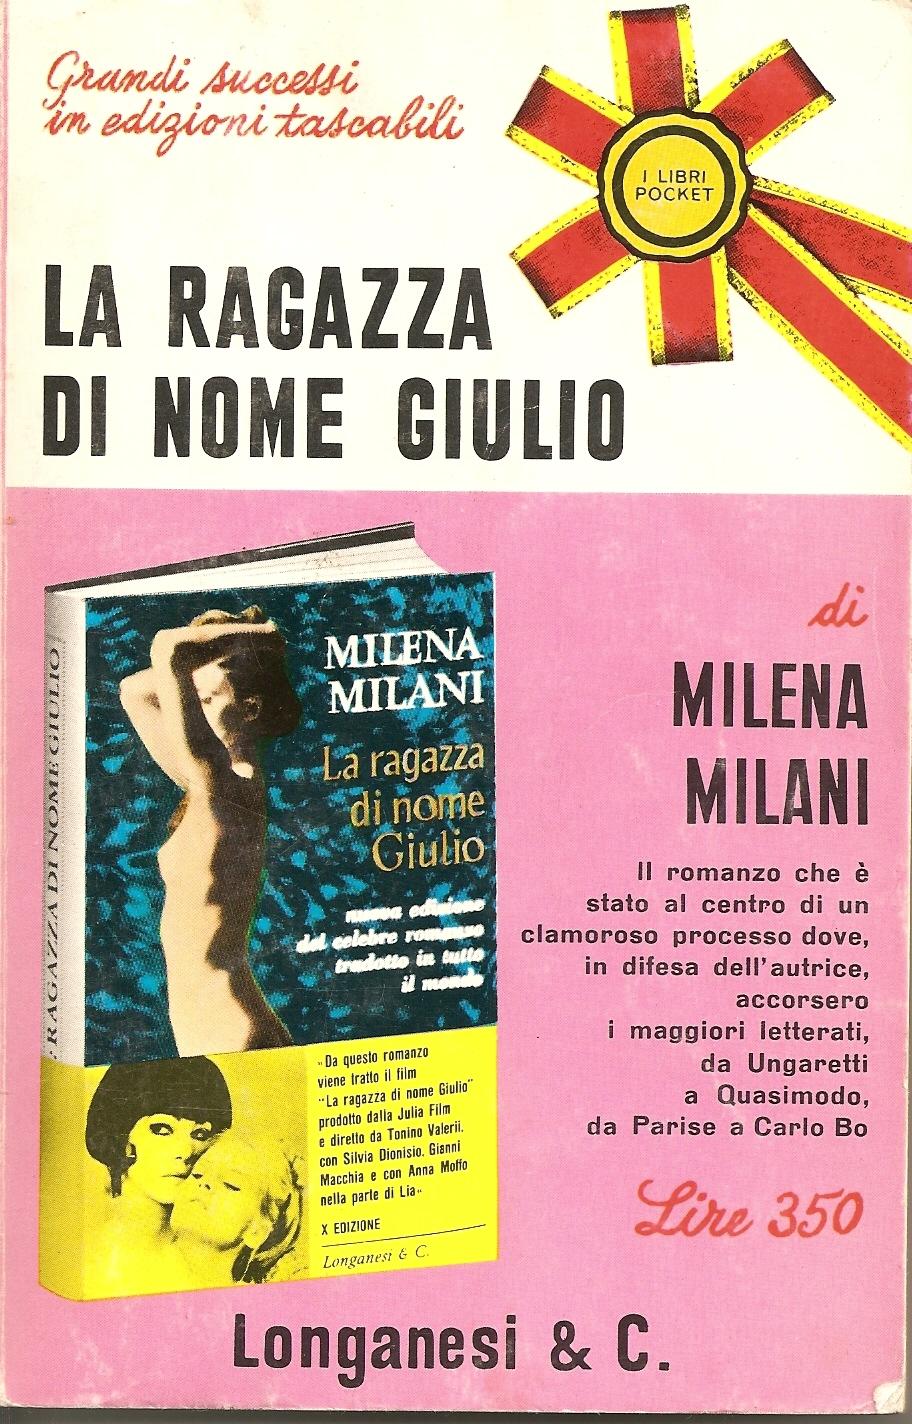 More about La ragazza di nome Giulio